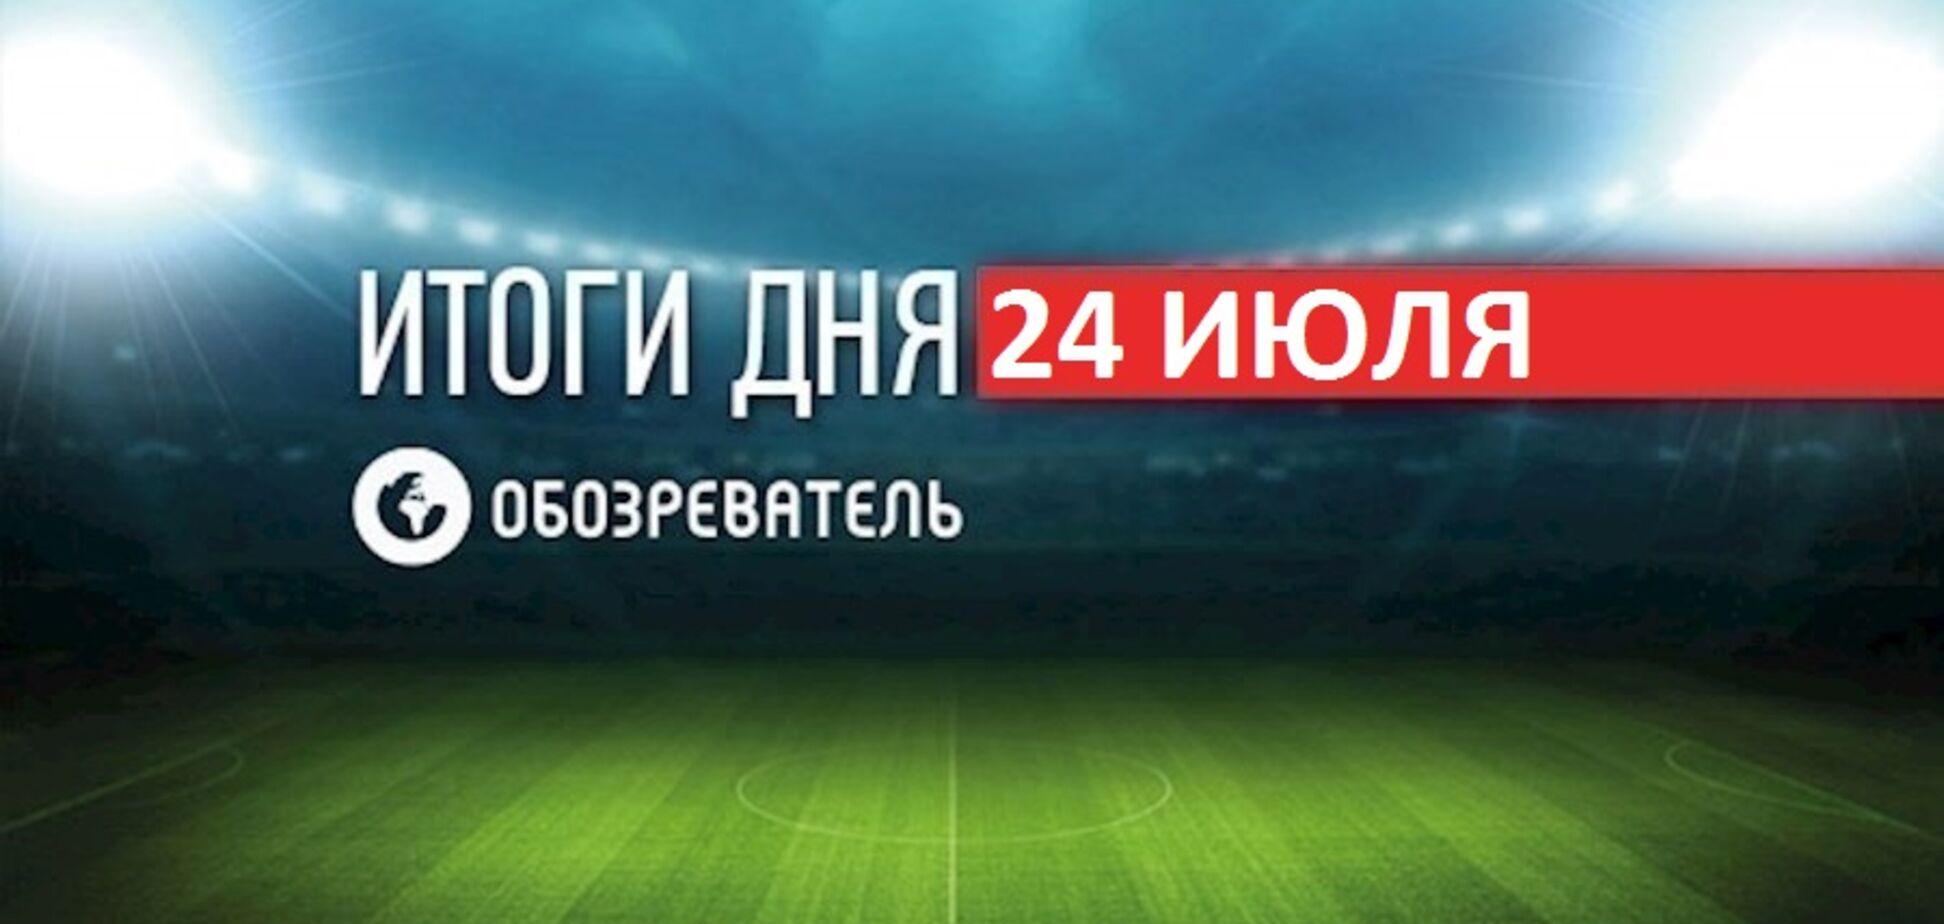 В сети из-за боя Усик - Гассиев засмеяли главу российского бокса: спортивные итоги 24 июля